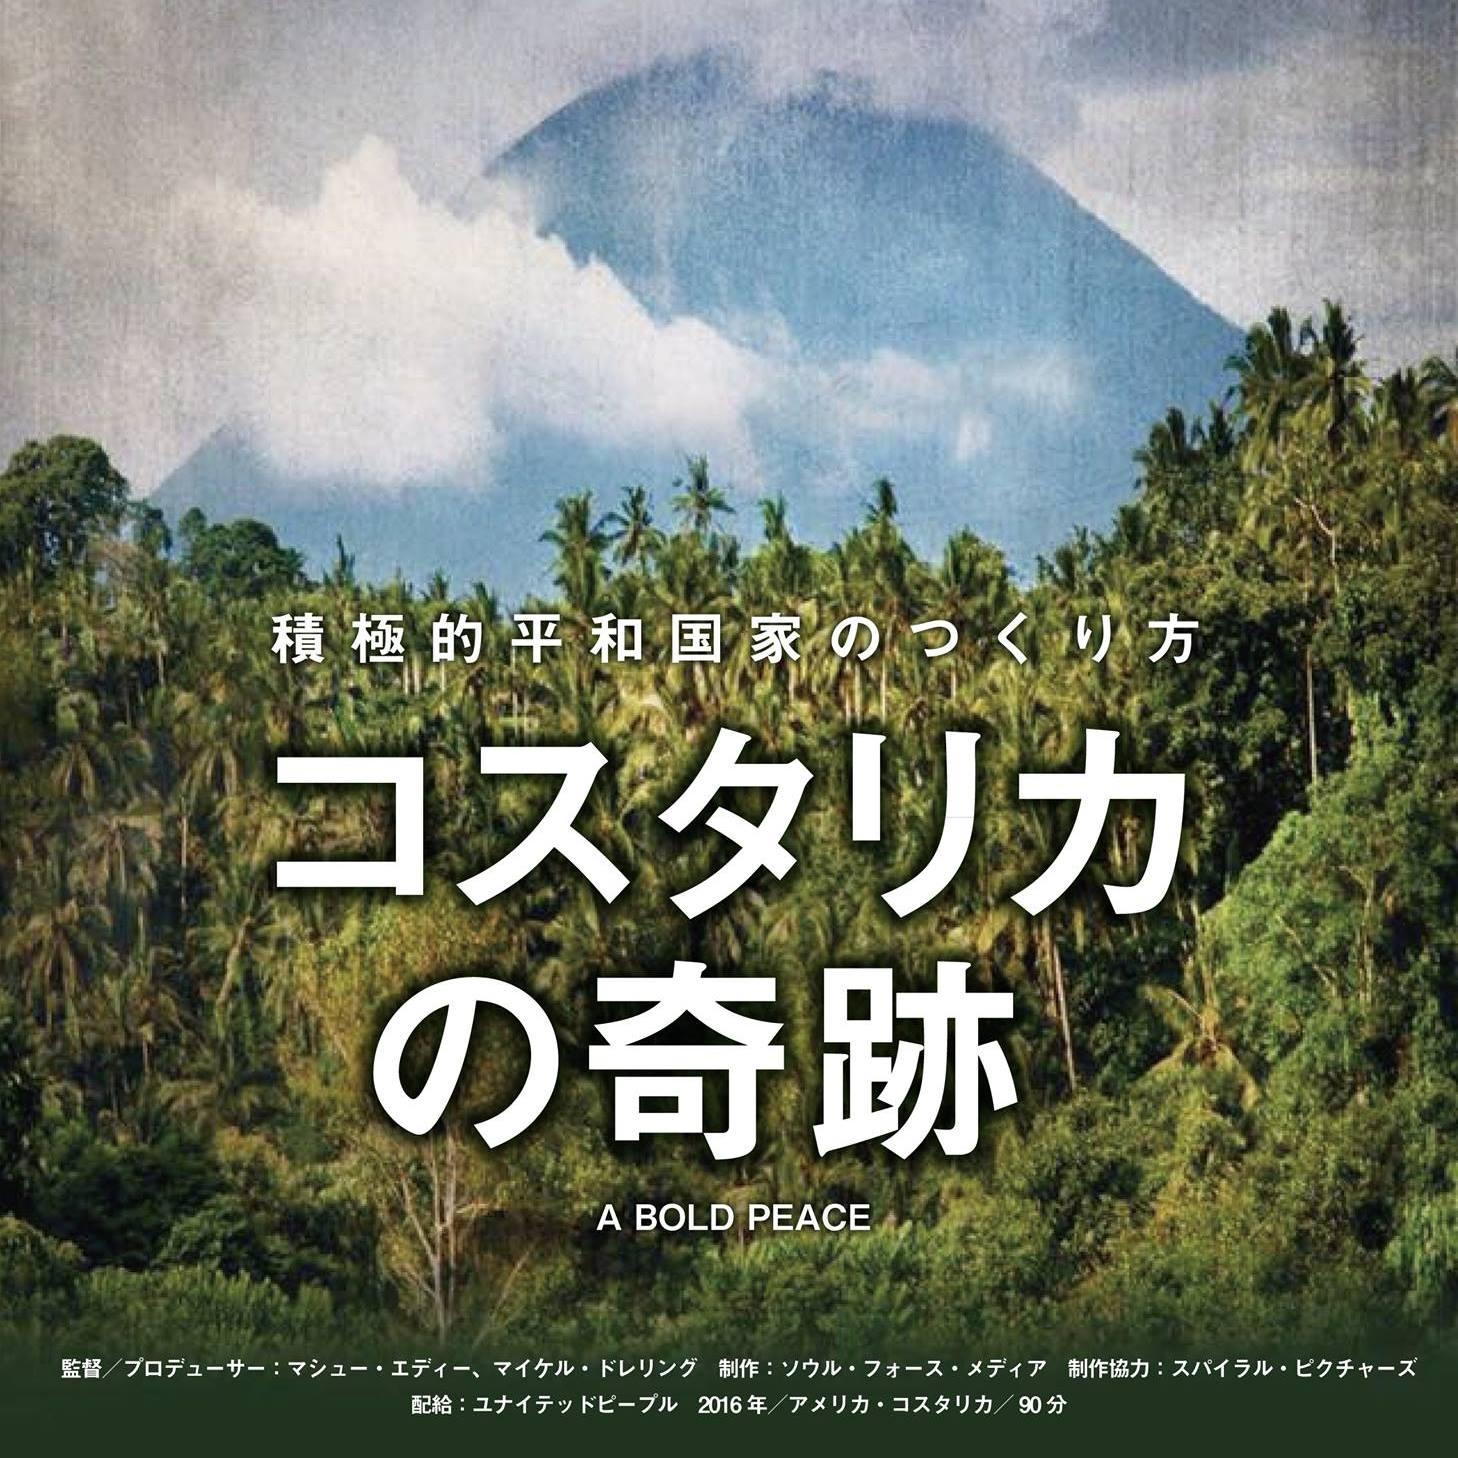 8月13日(sun) mumokuteki-cinema 特別上映会「コスタリカの奇跡」&交流会 @mumokuteki 3階ホール